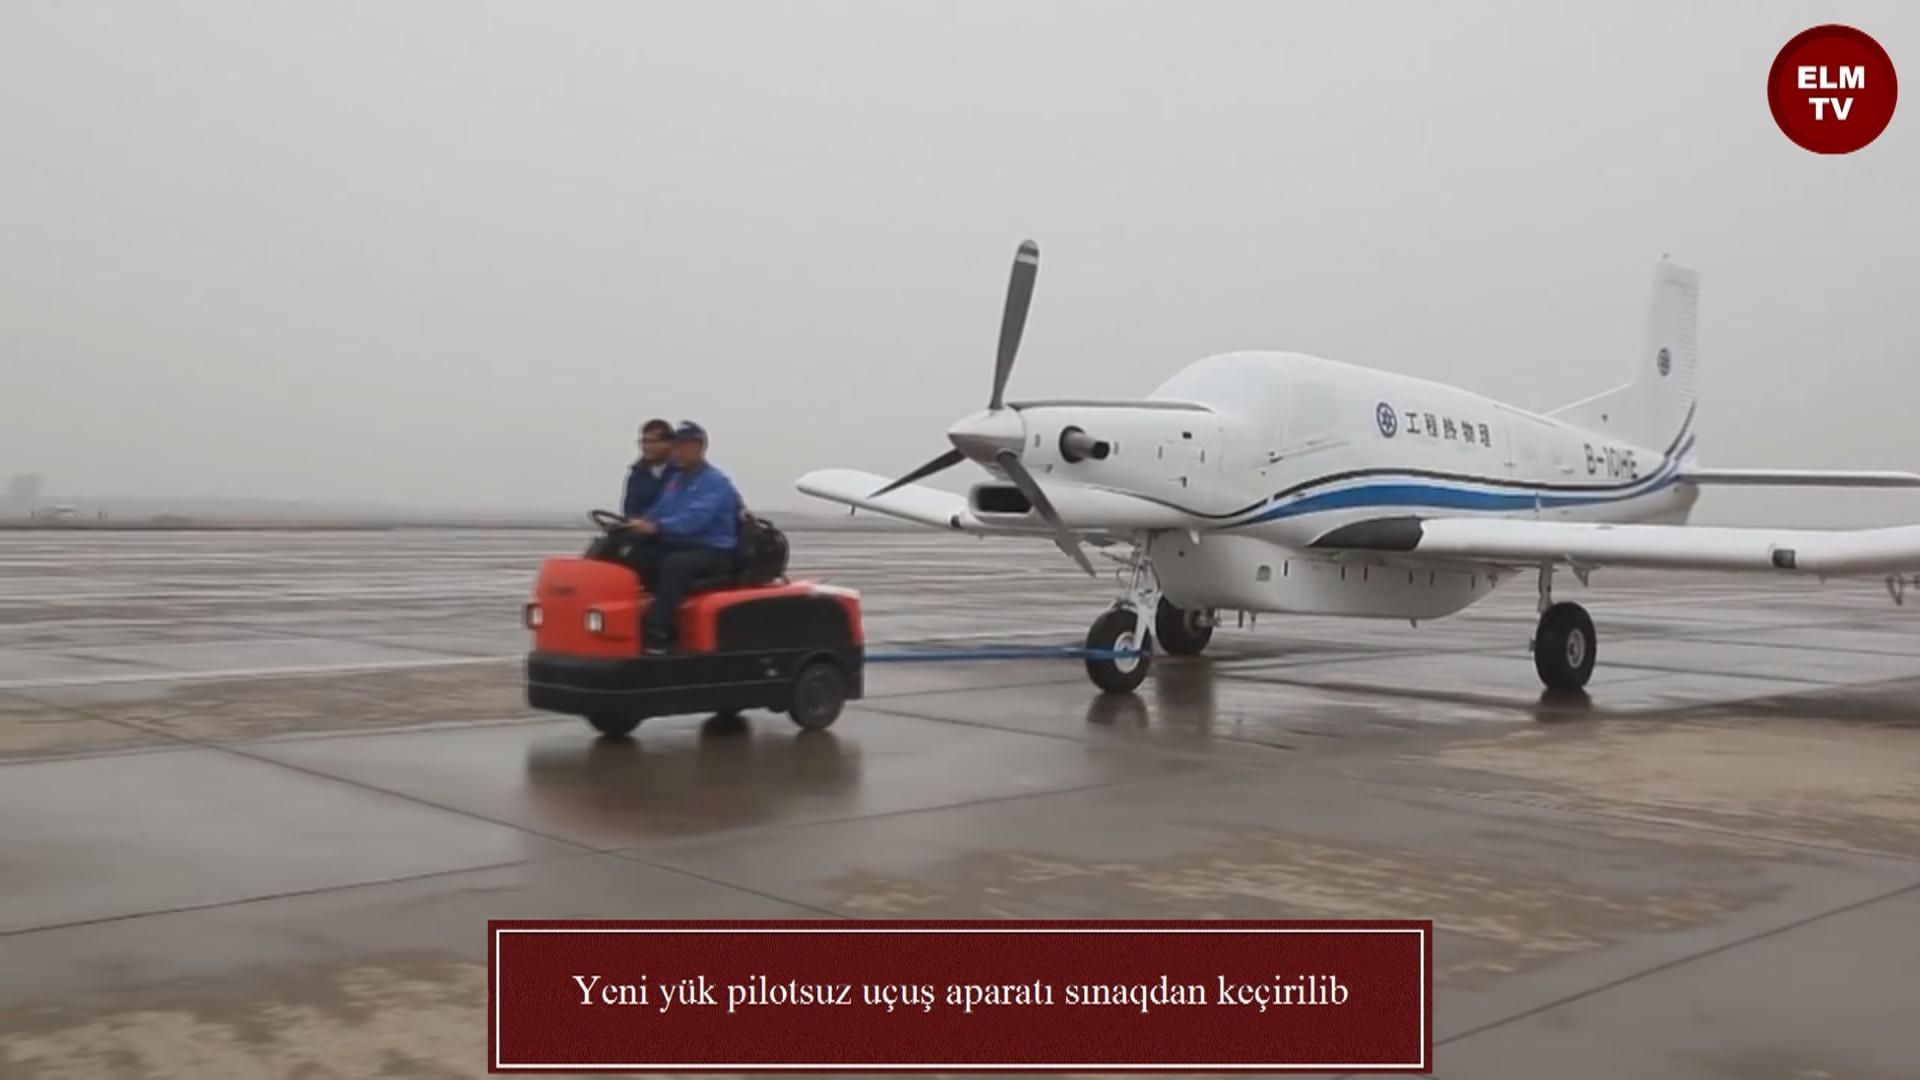 Yeni pilotsuz yük uçuş aparatı sınaqdan keçirilib